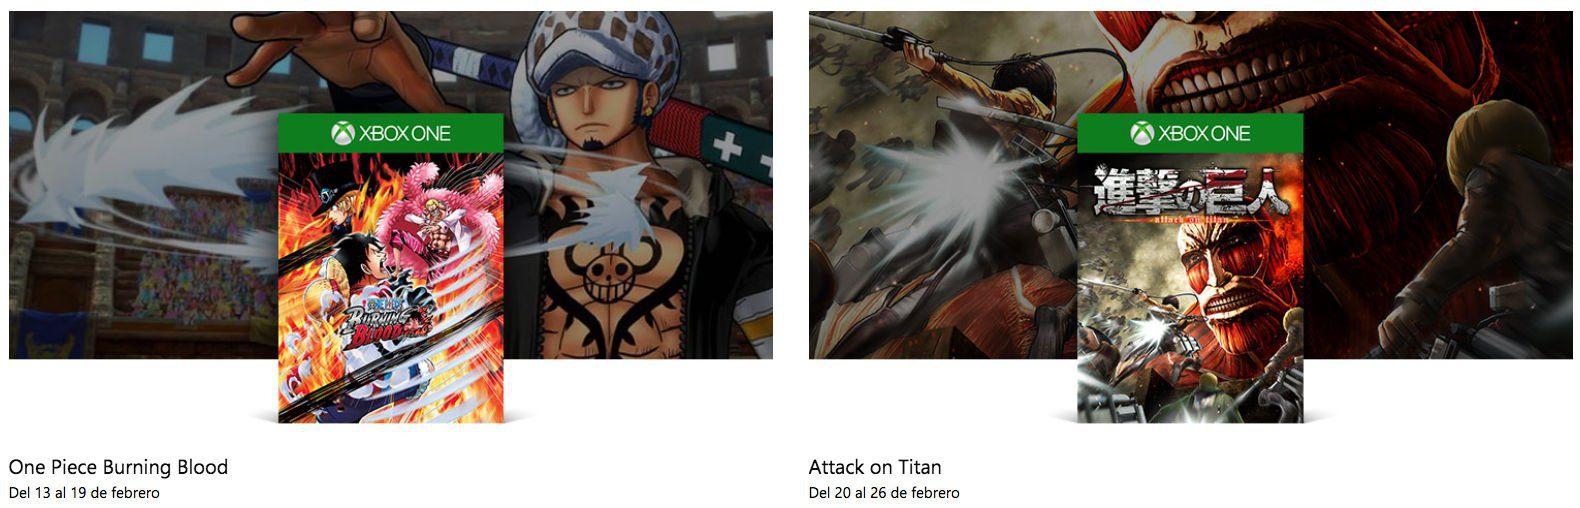 Repasamos los 5 títulos basados en anime que llegarán a Xbox One este 2018